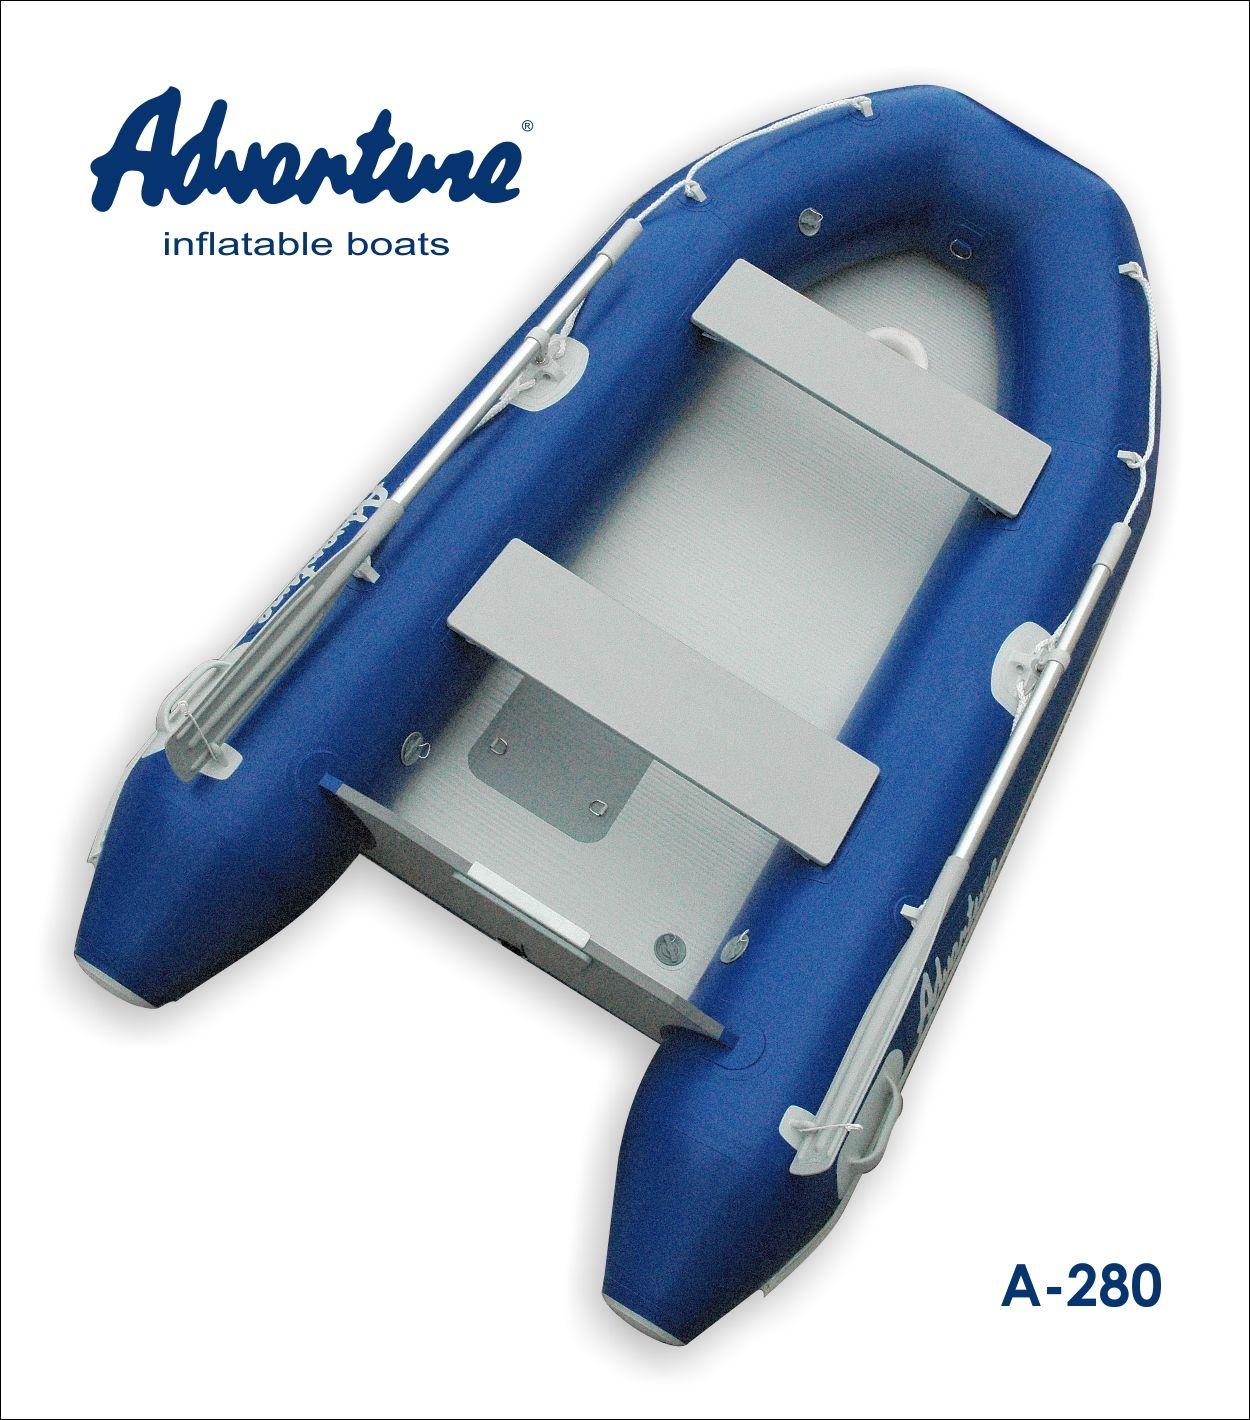 Надувная лодка Adventure Arta A-280 - фото 2